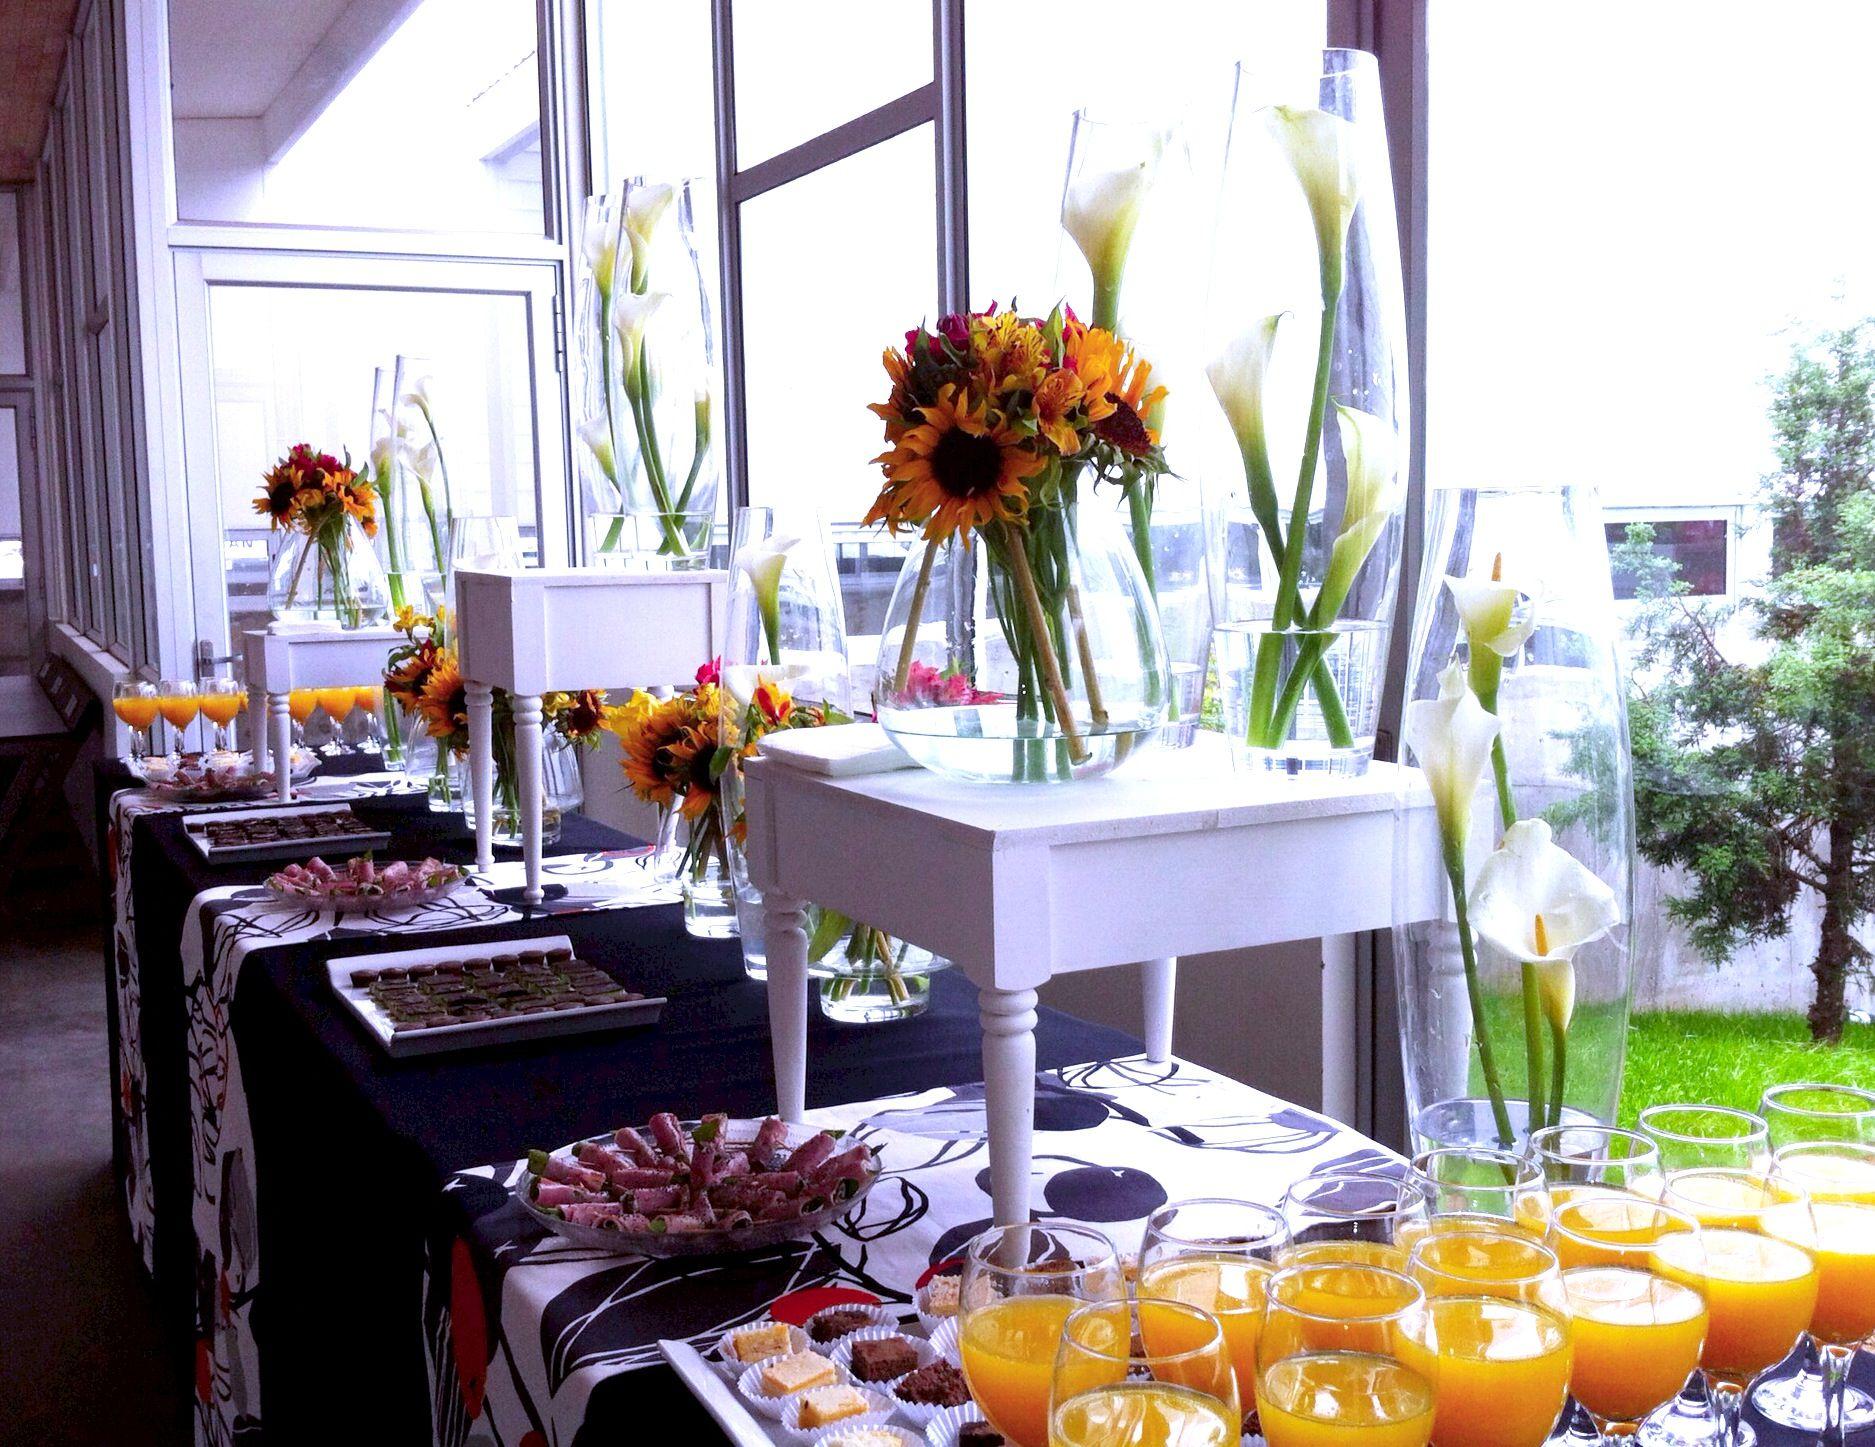 Centros de mesa de comunin en pinterest decoraciones de - Decoraciones de mesas ...